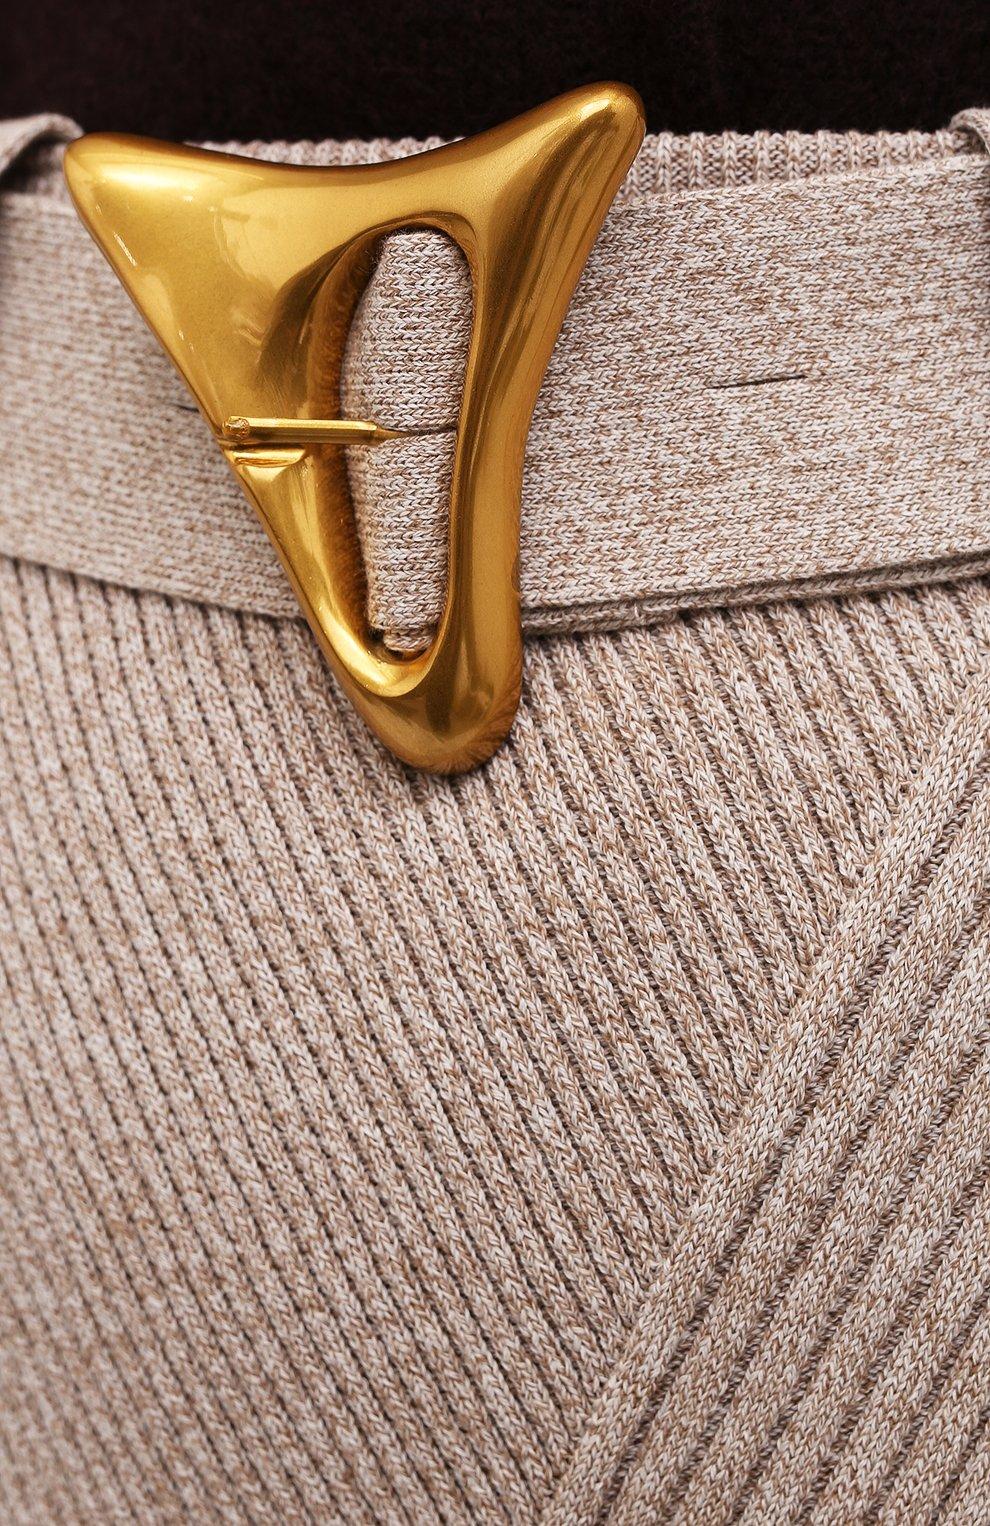 Женская хлопковая юбка AERON бежевого цвета, арт. SK135_376 | Фото 5 (Кросс-КТ: Трикотаж; Женское Кросс-КТ: Юбка-одежда; Материал внешний: Хлопок; Длина Ж (юбки, платья, шорты): Макси; Стили: Кэжуэл)